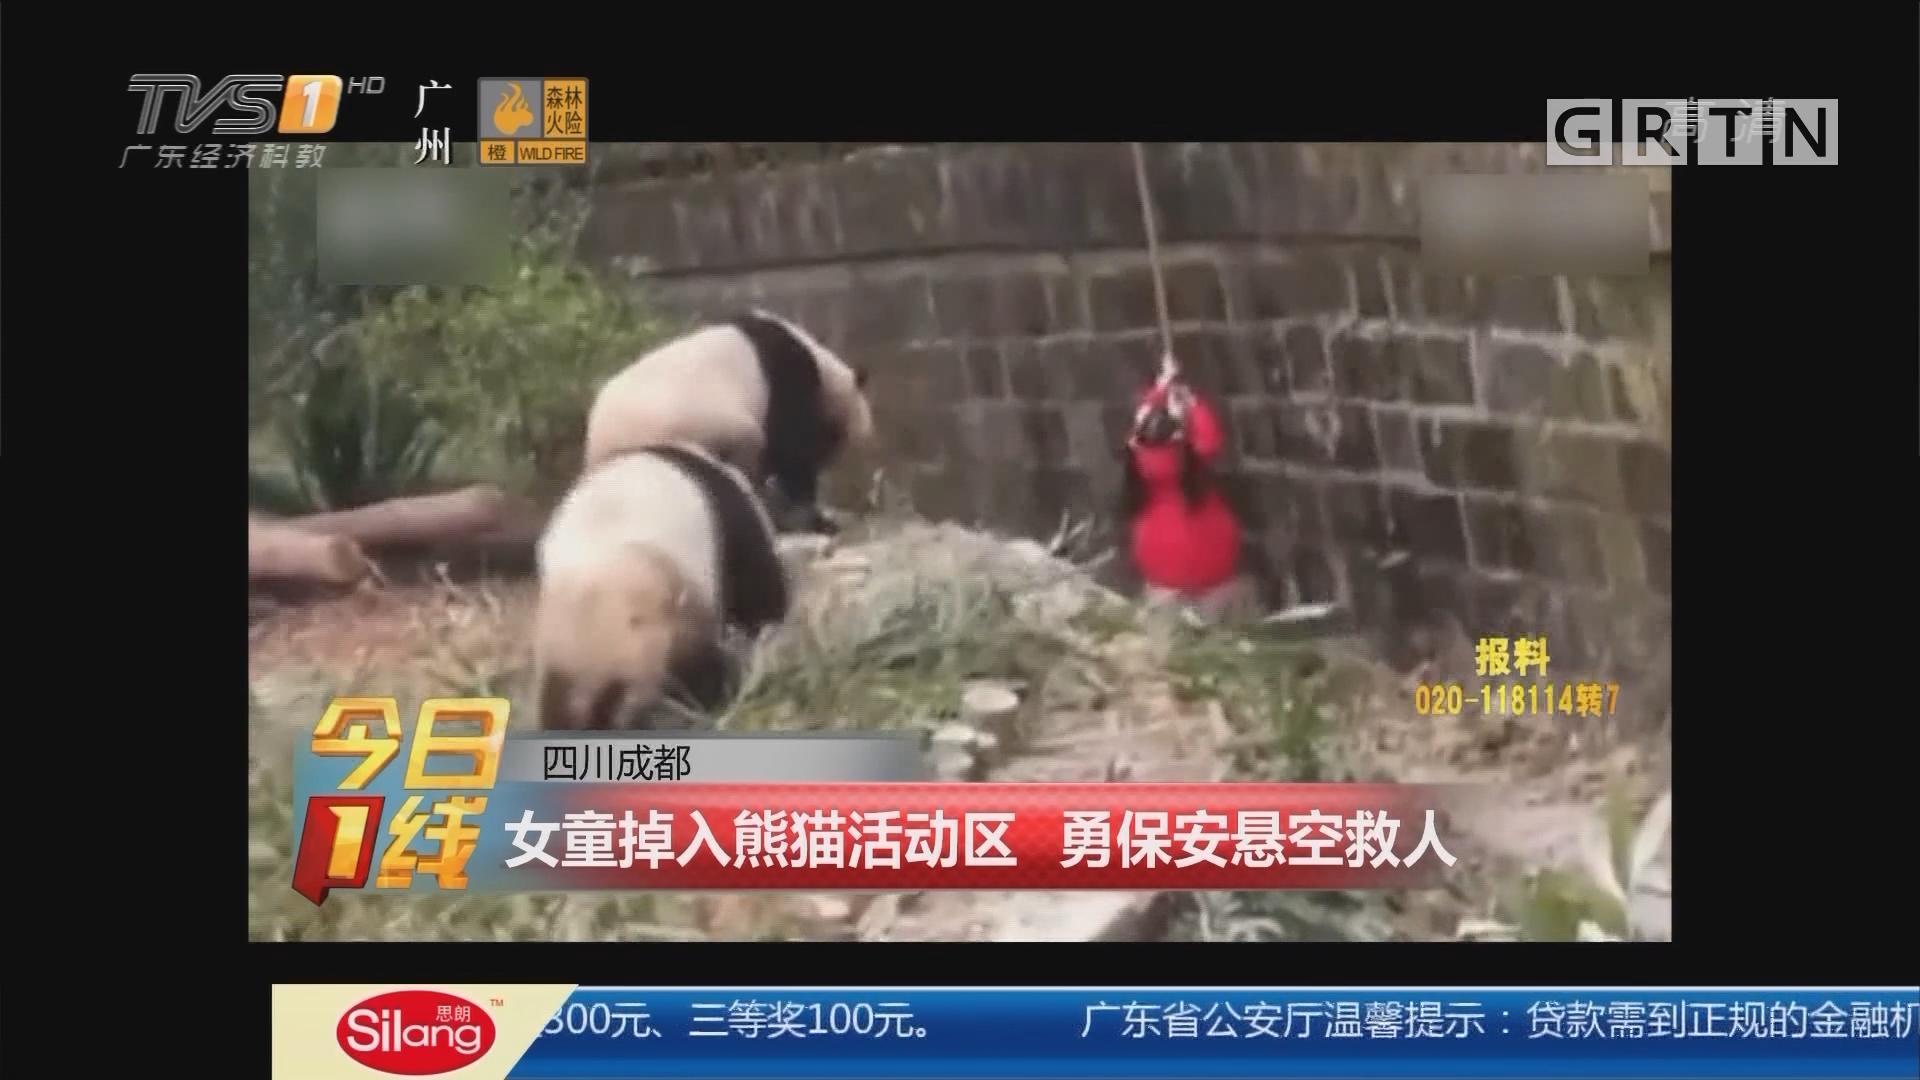 四川成都:女童掉入熊猫活动区 勇保安悬空救人